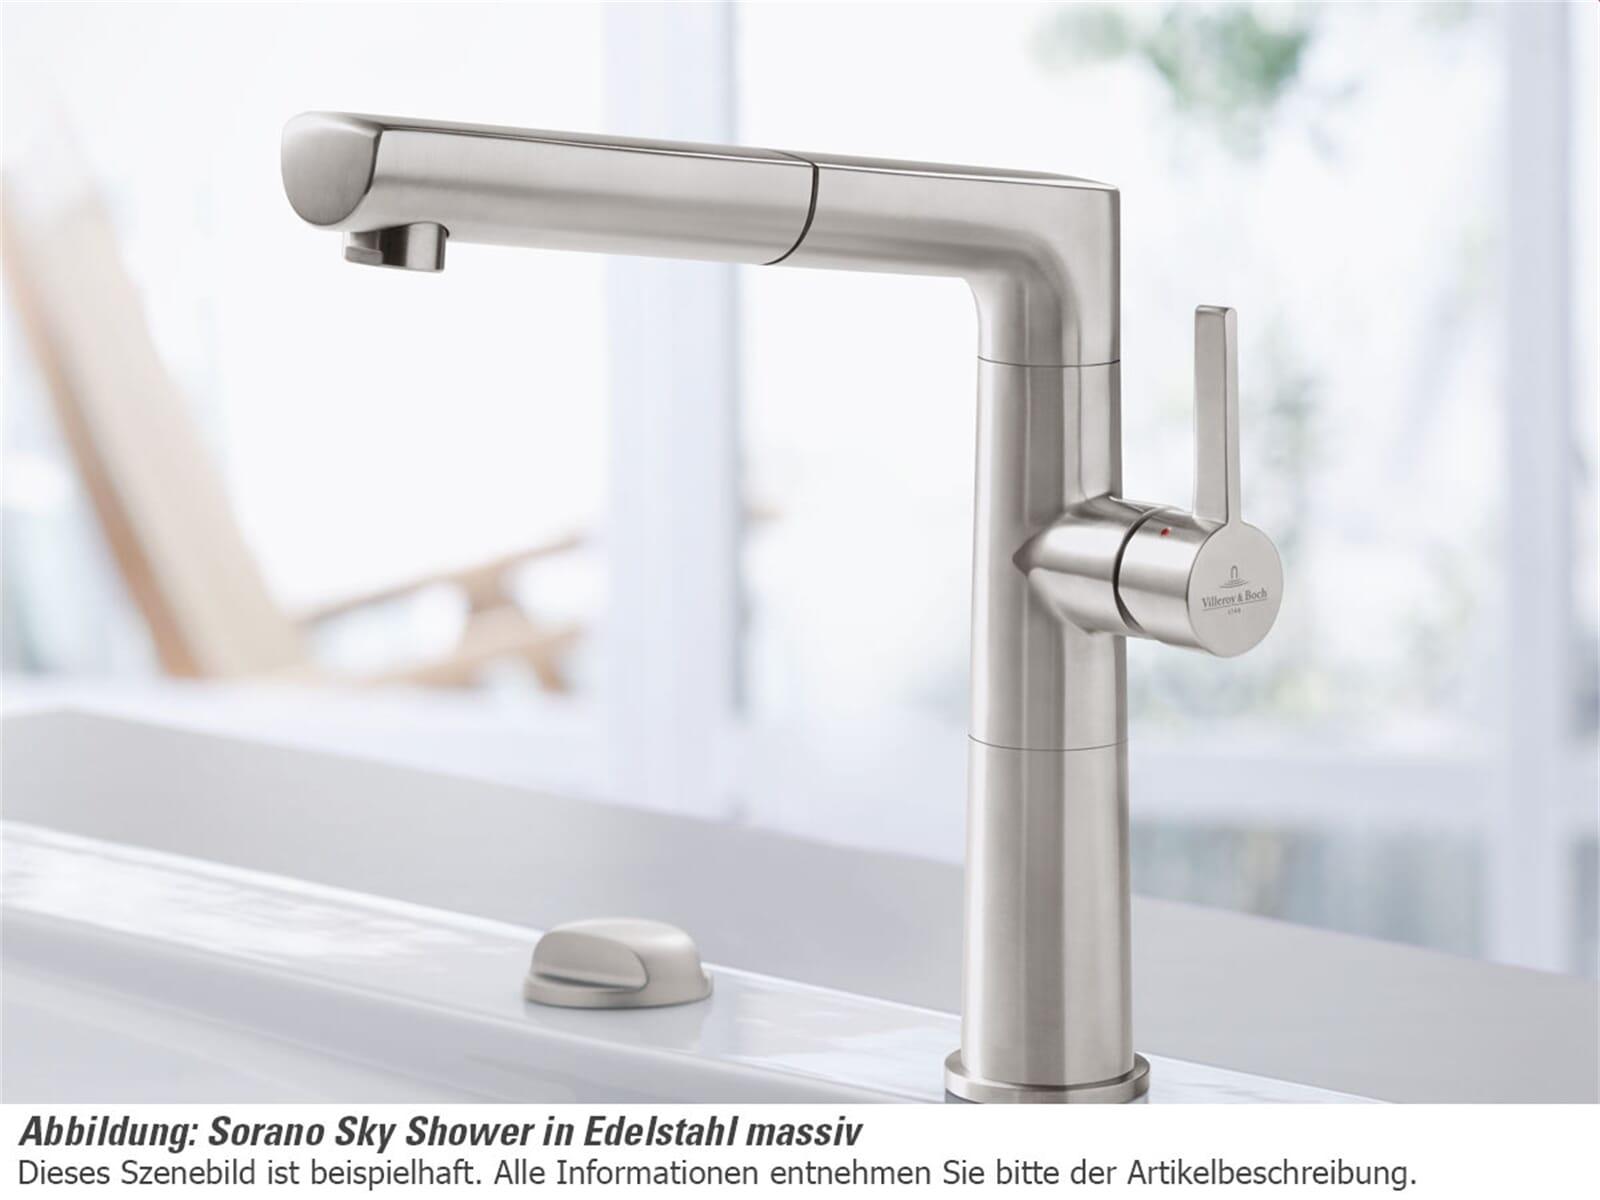 Villeroy & Boch Sorano Sky Shower Edelstahl massiv Hochdruckarmatur